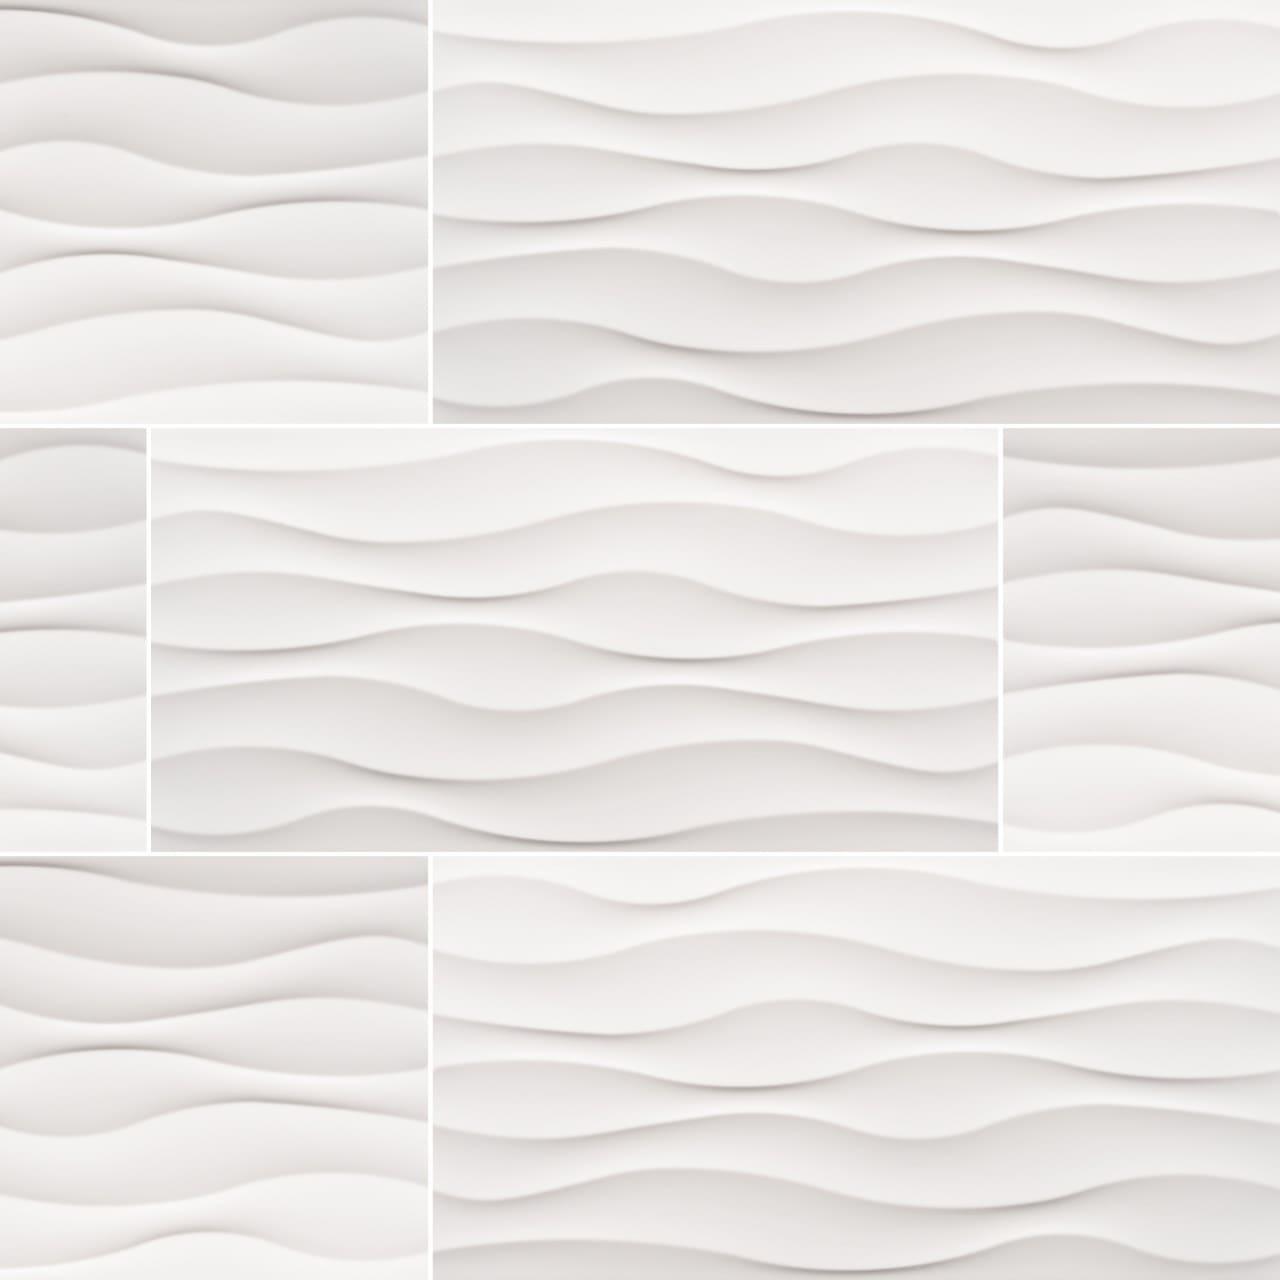 DYMO WAVY WHITE